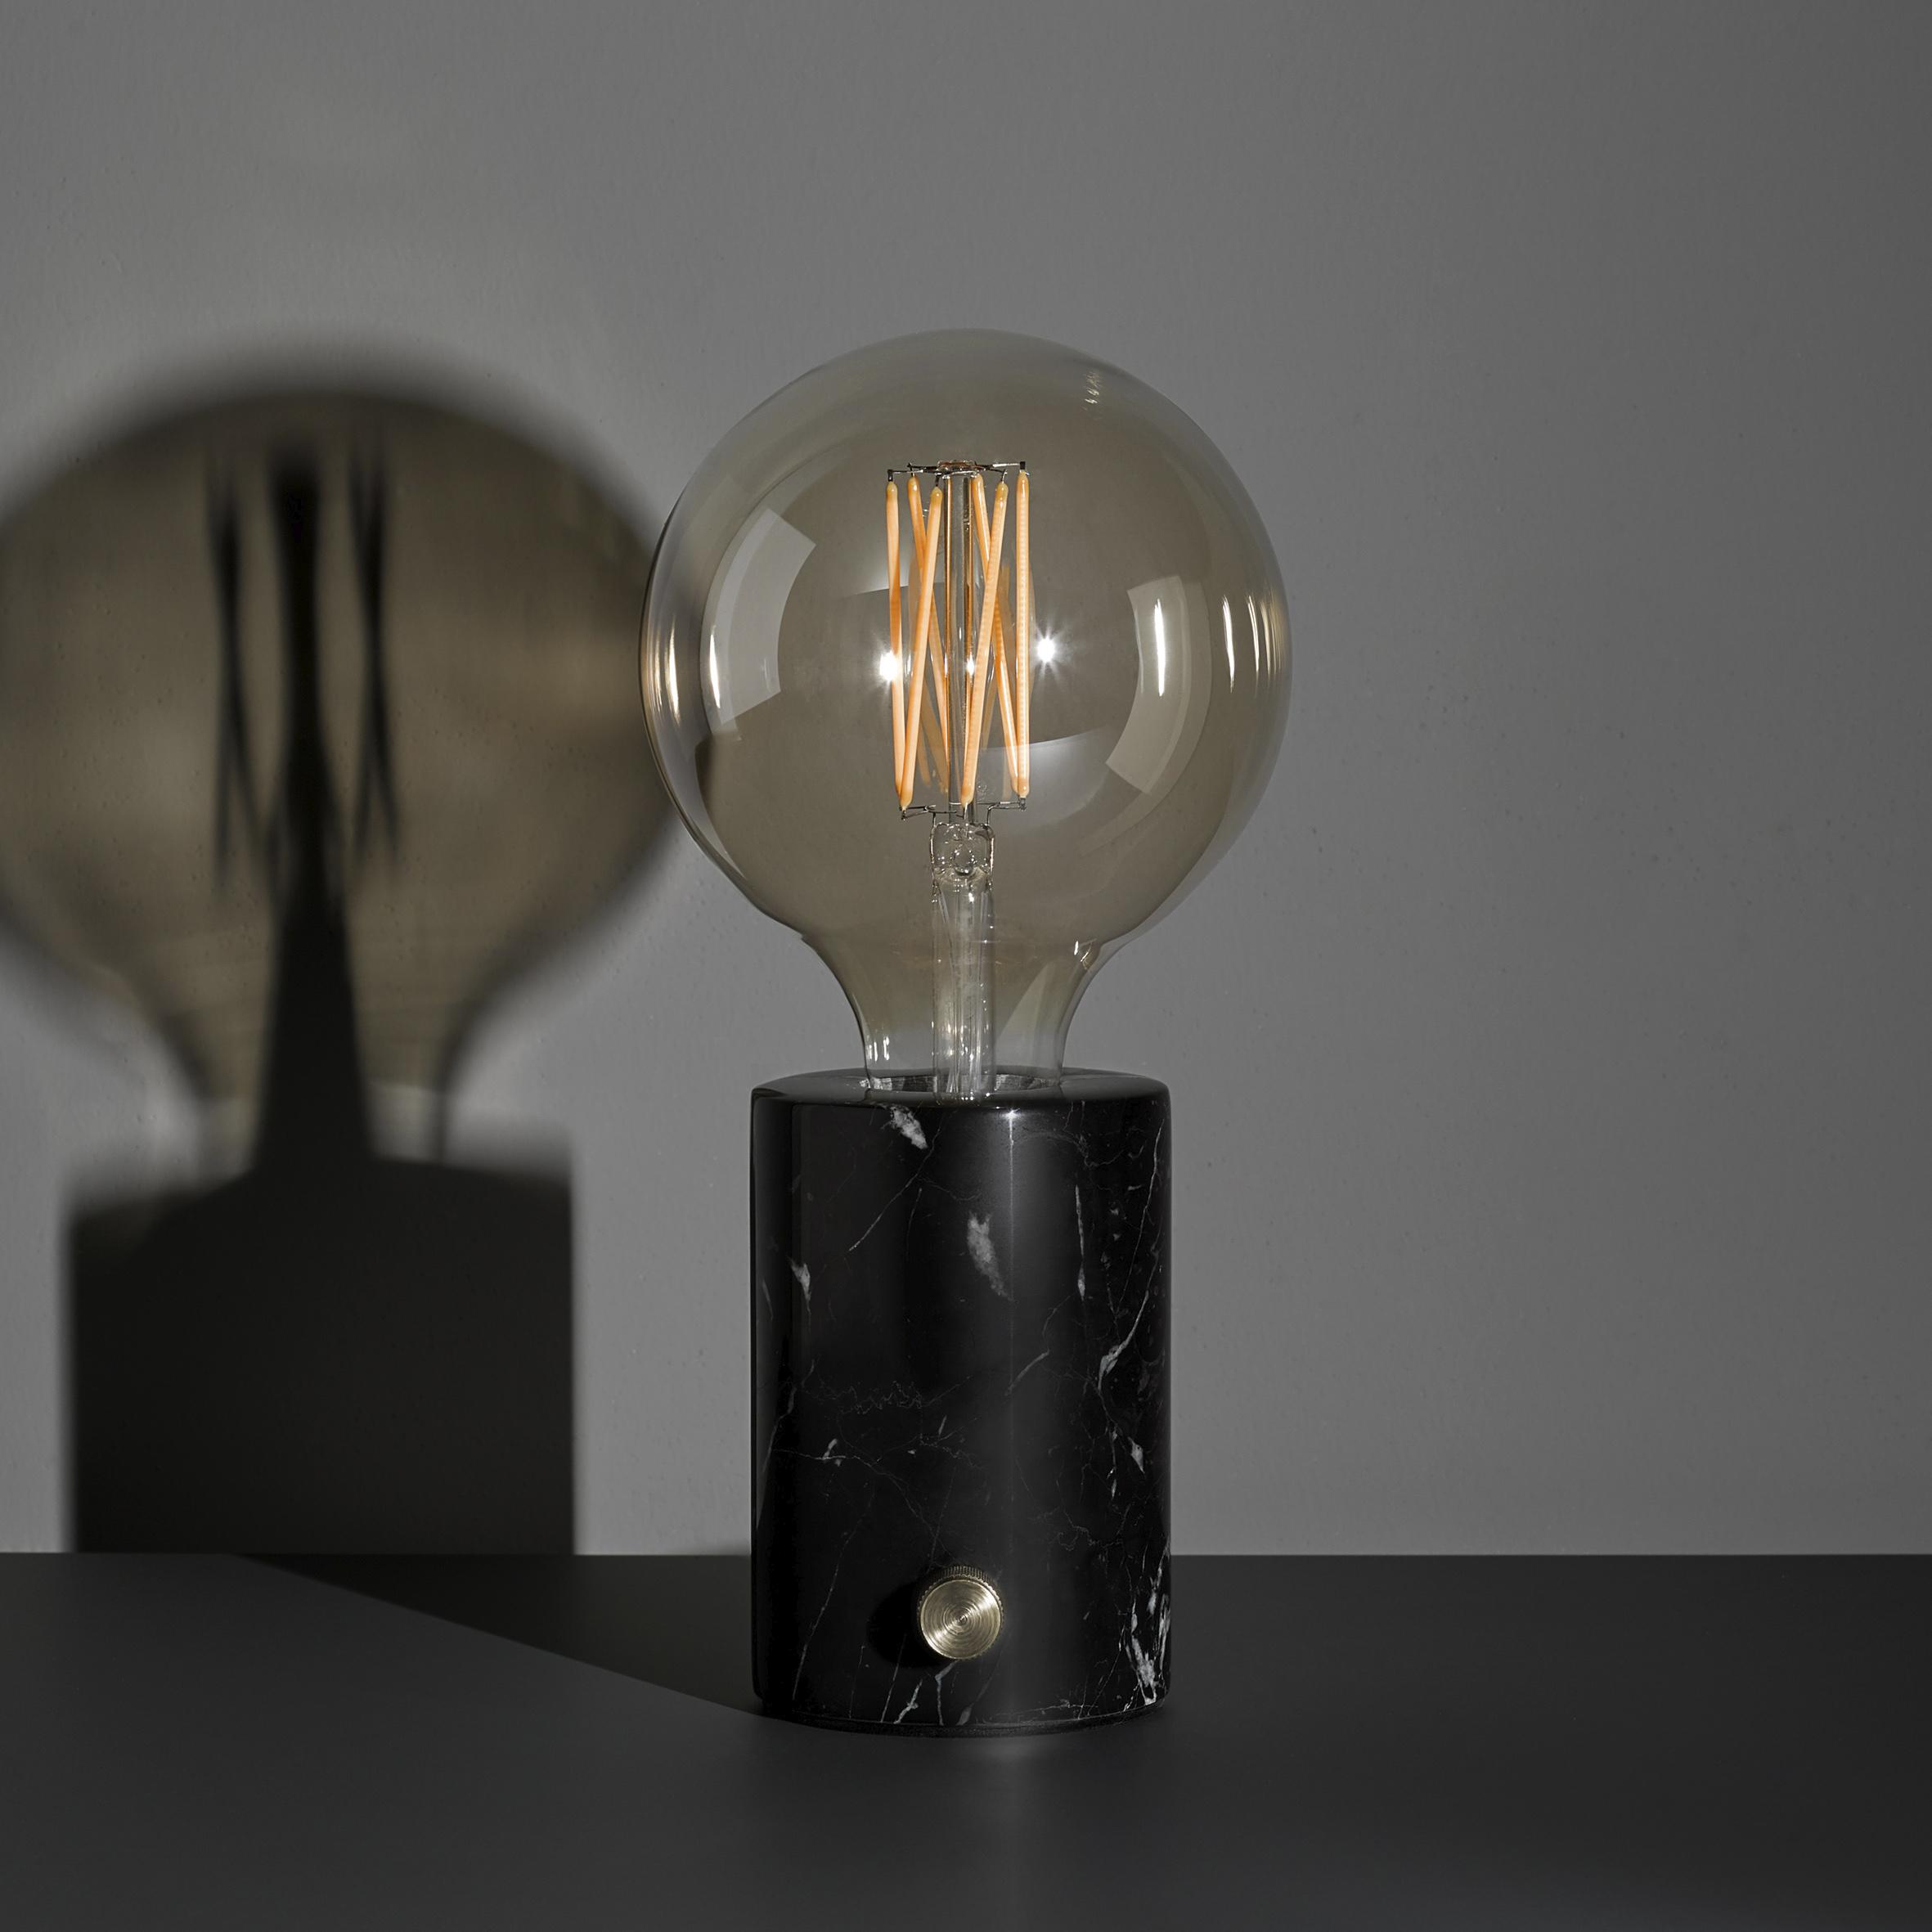 lampe moderne en marbre avec ampoule apparente